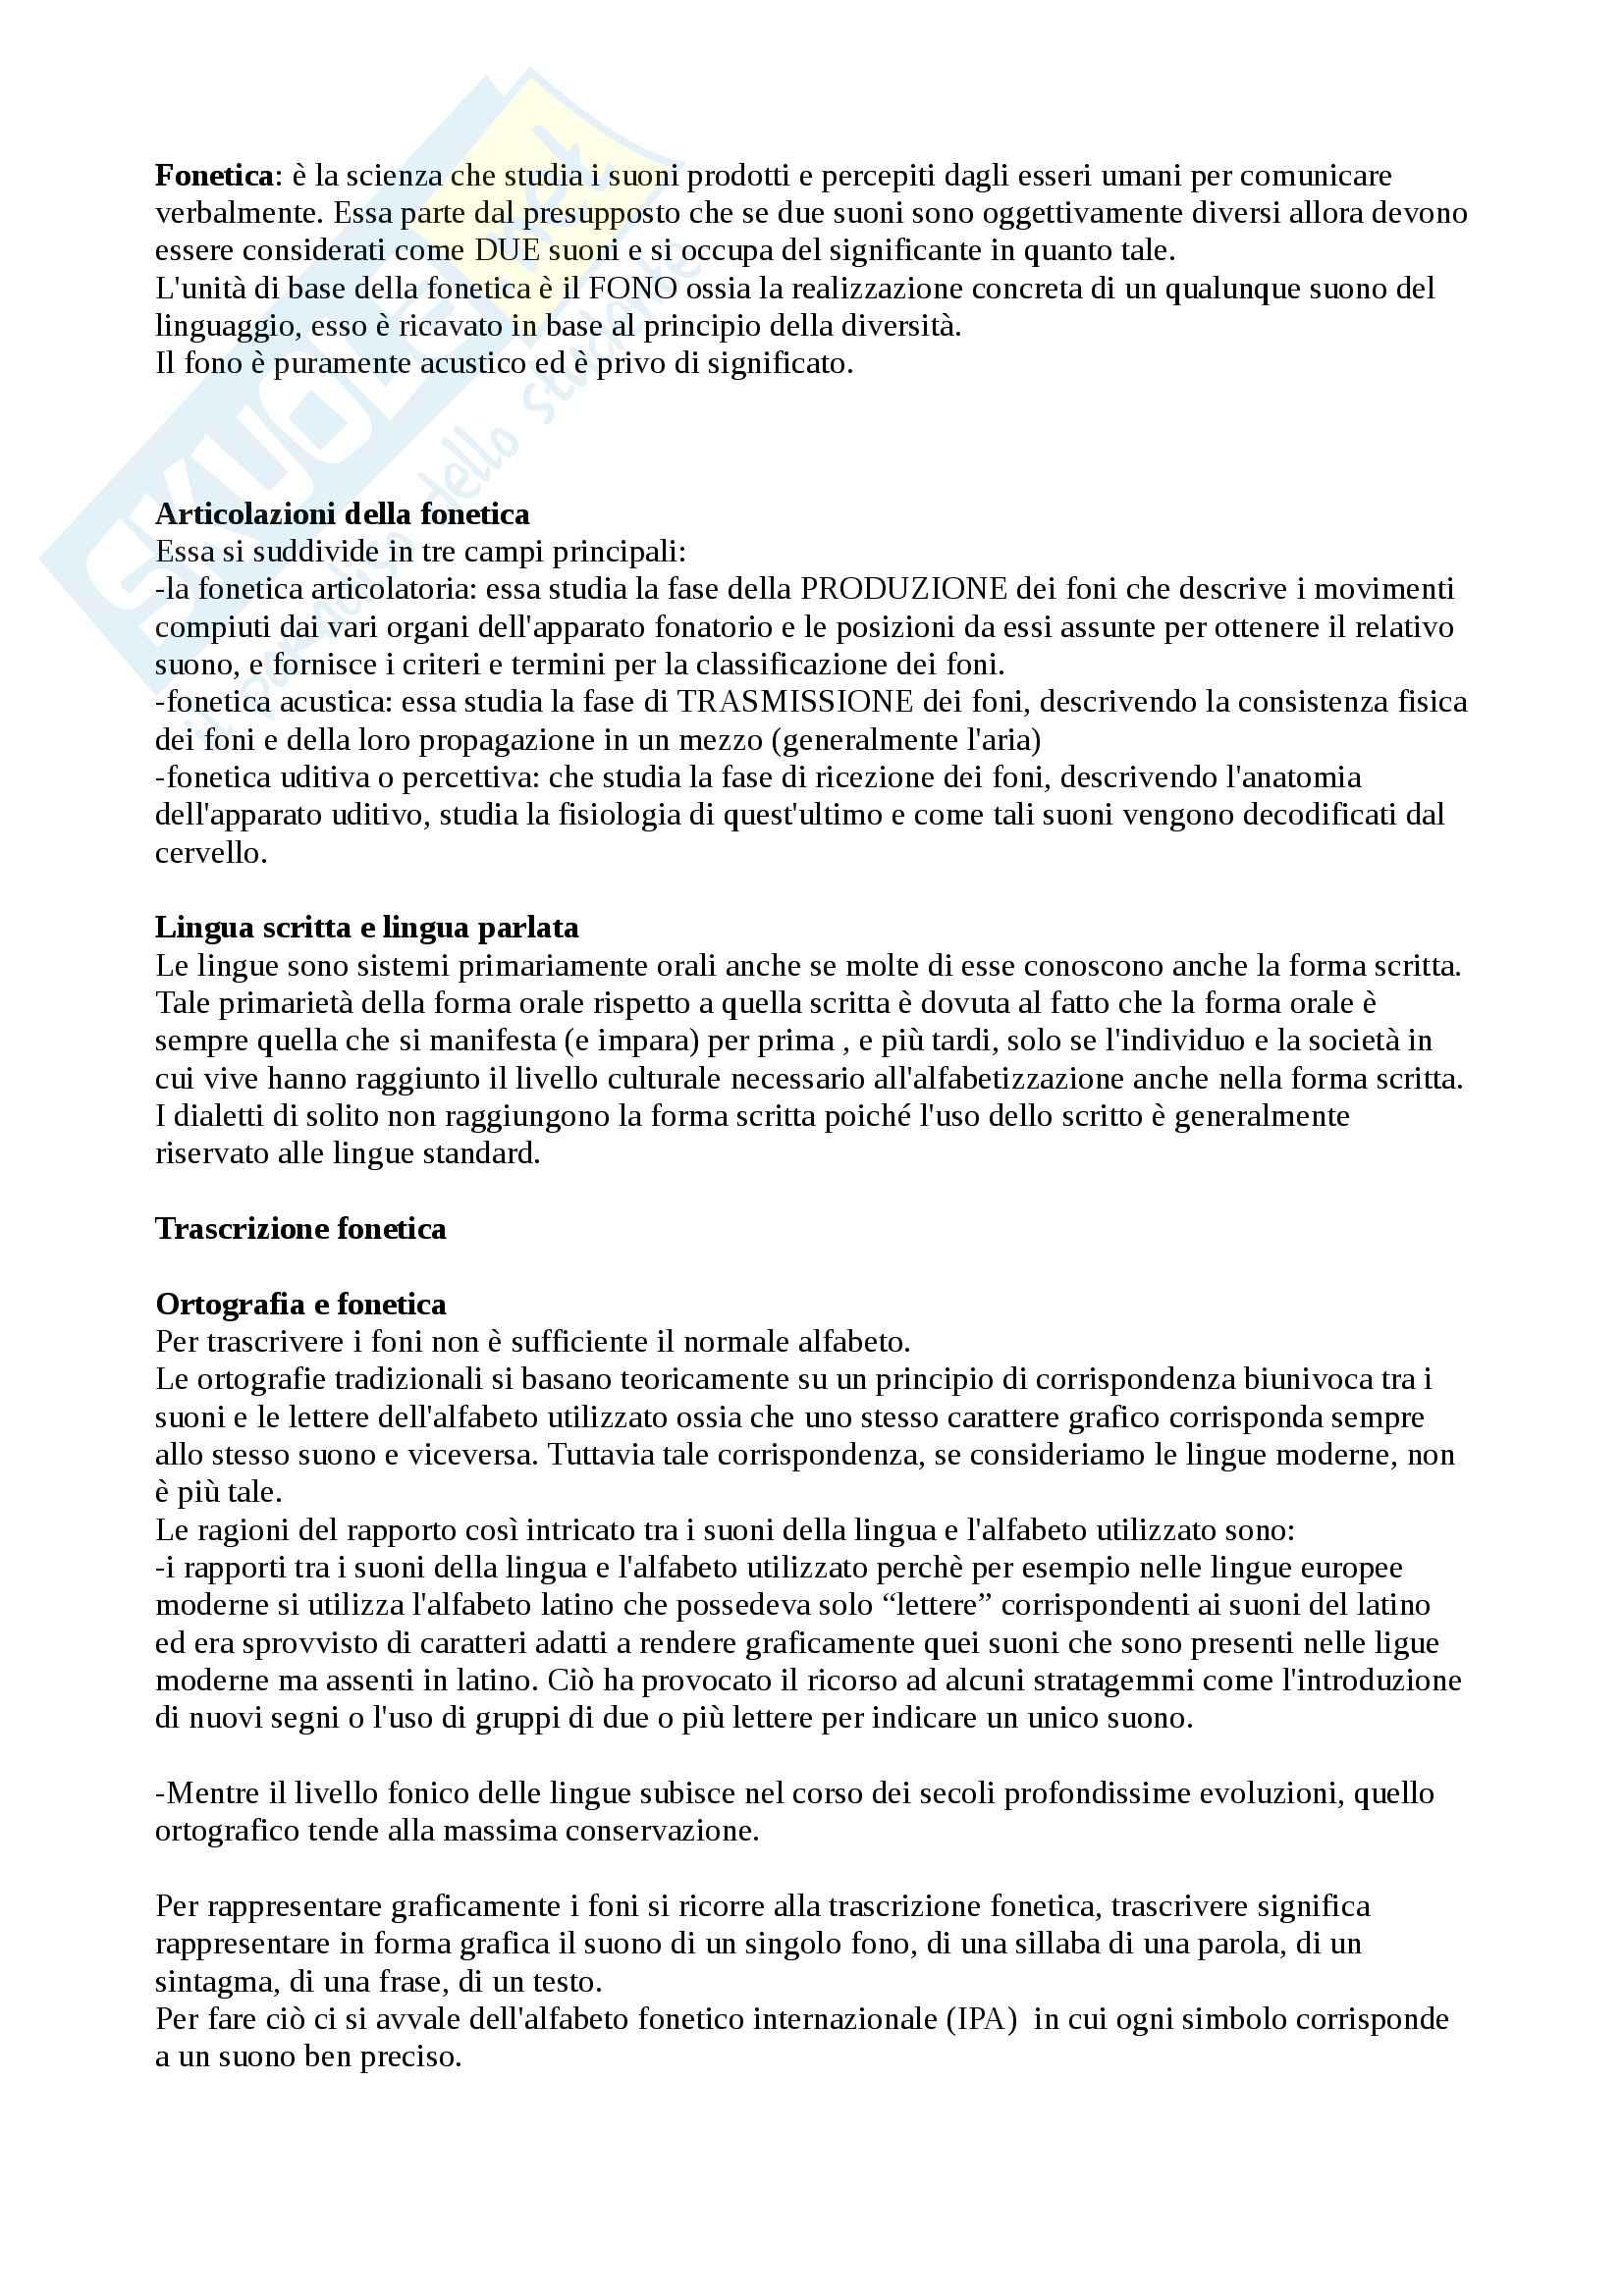 """Riassunto di fonetica e fonologia, esame di linguistica generale, libro consigliato """"I suoni delle lingue I suoni dell'italiano"""" di P. Maturi"""